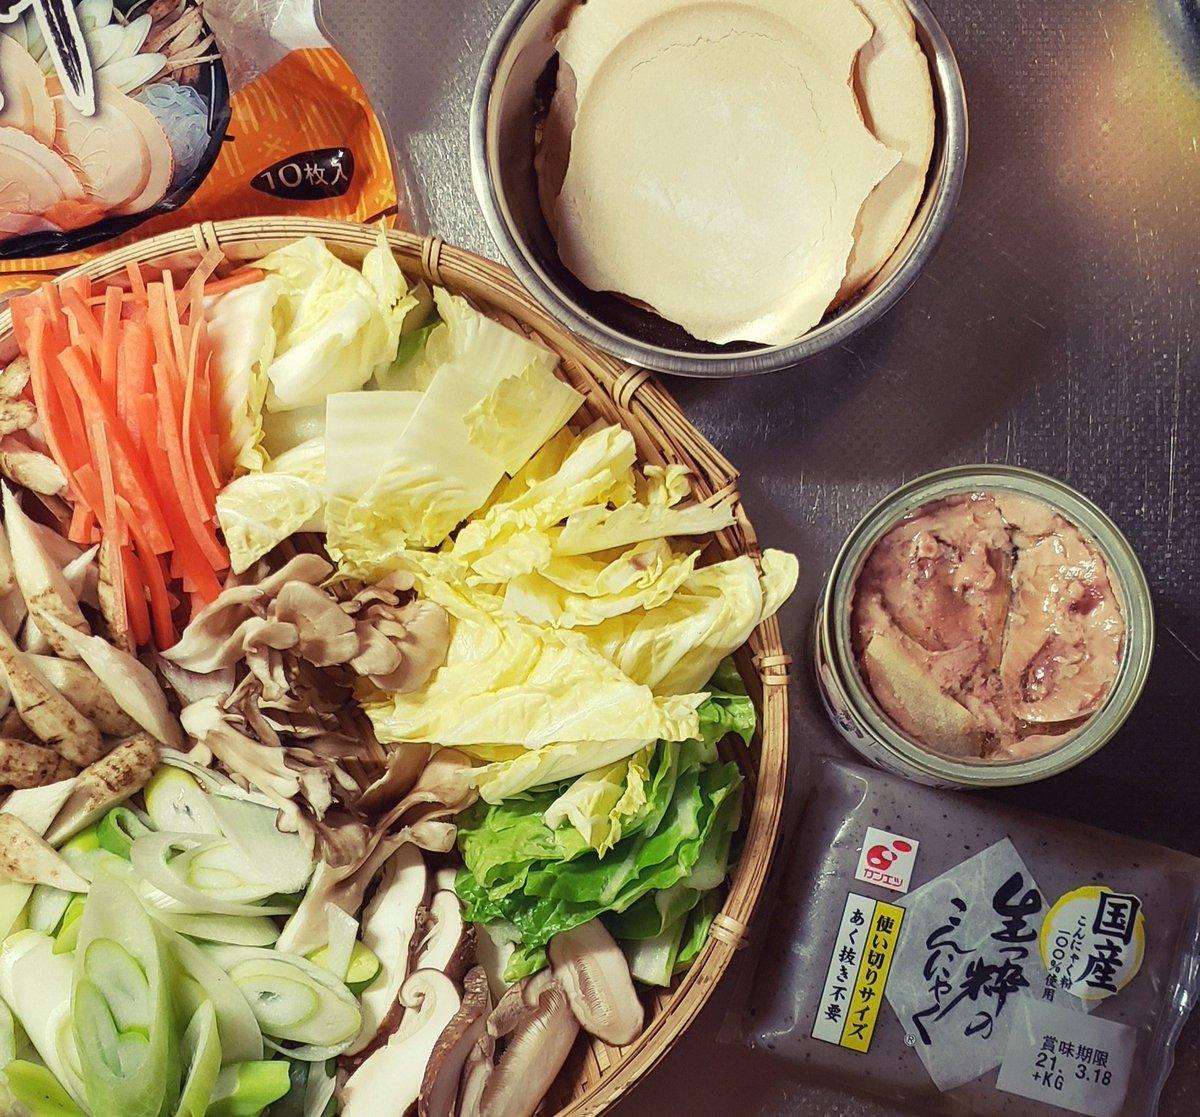 test ツイッターメディア - 夕飯  青森の郷土料理せんべい汁🍲 あと胡麻味噌田楽も♪ お土産で汁用せんべい🍘を頂いたので作ってみました!お初です🎊㊗ (サバ水煮缶を使ったレシピ参考) 南部煎餅が汁に染み染みで美味しかったです。 ごちそうさまでした🙂❇ #おうちごはん #まごわやさしい #和食 #せんべい汁 #温活 #腸活 https://t.co/Tjp6QxUAp3